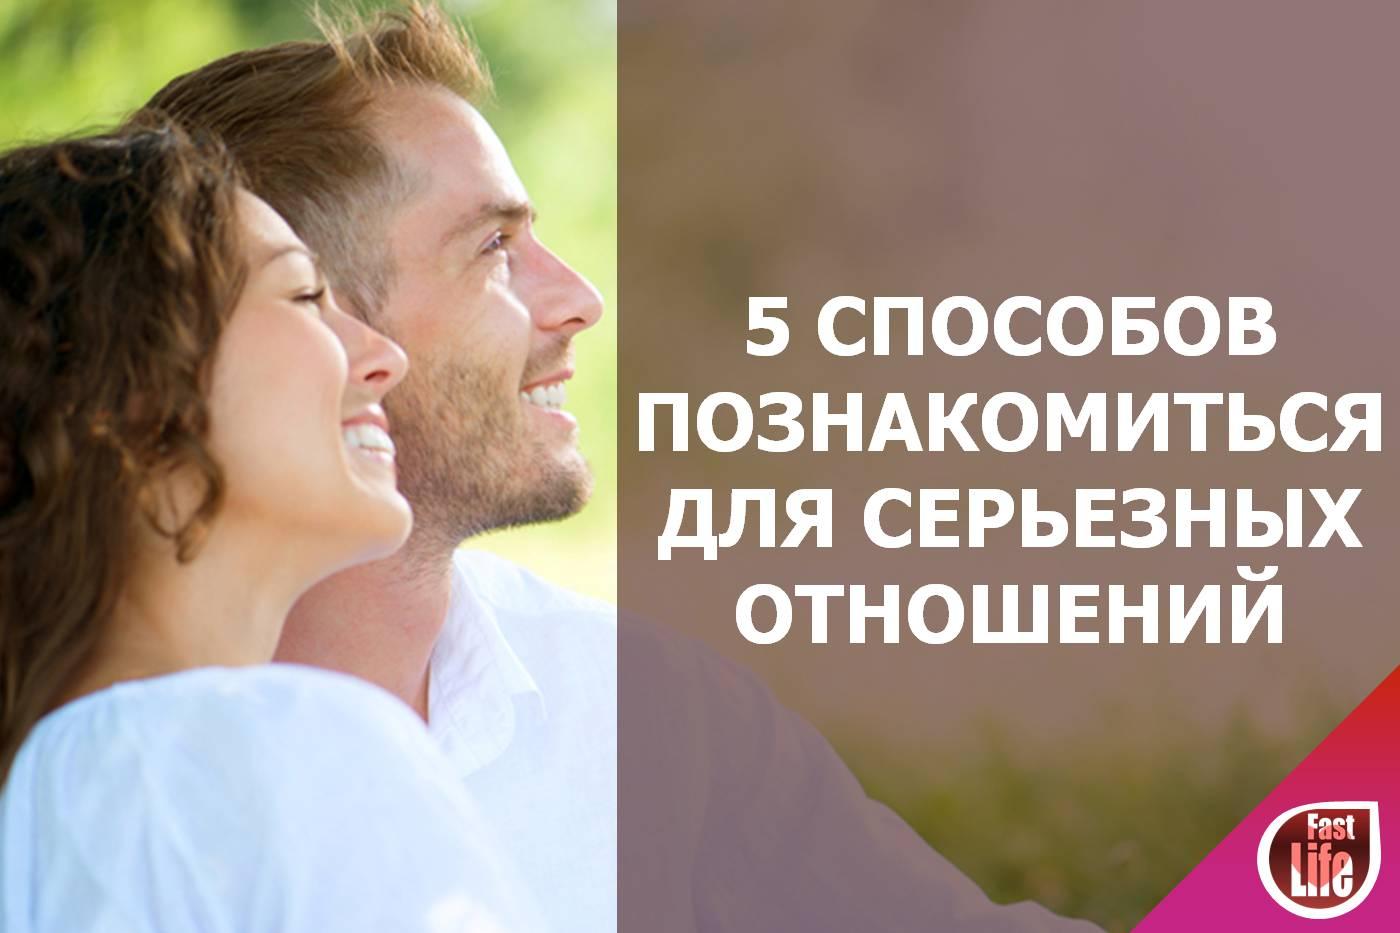 сайт знакомств с женщинами иностранцами для серьезных отношений